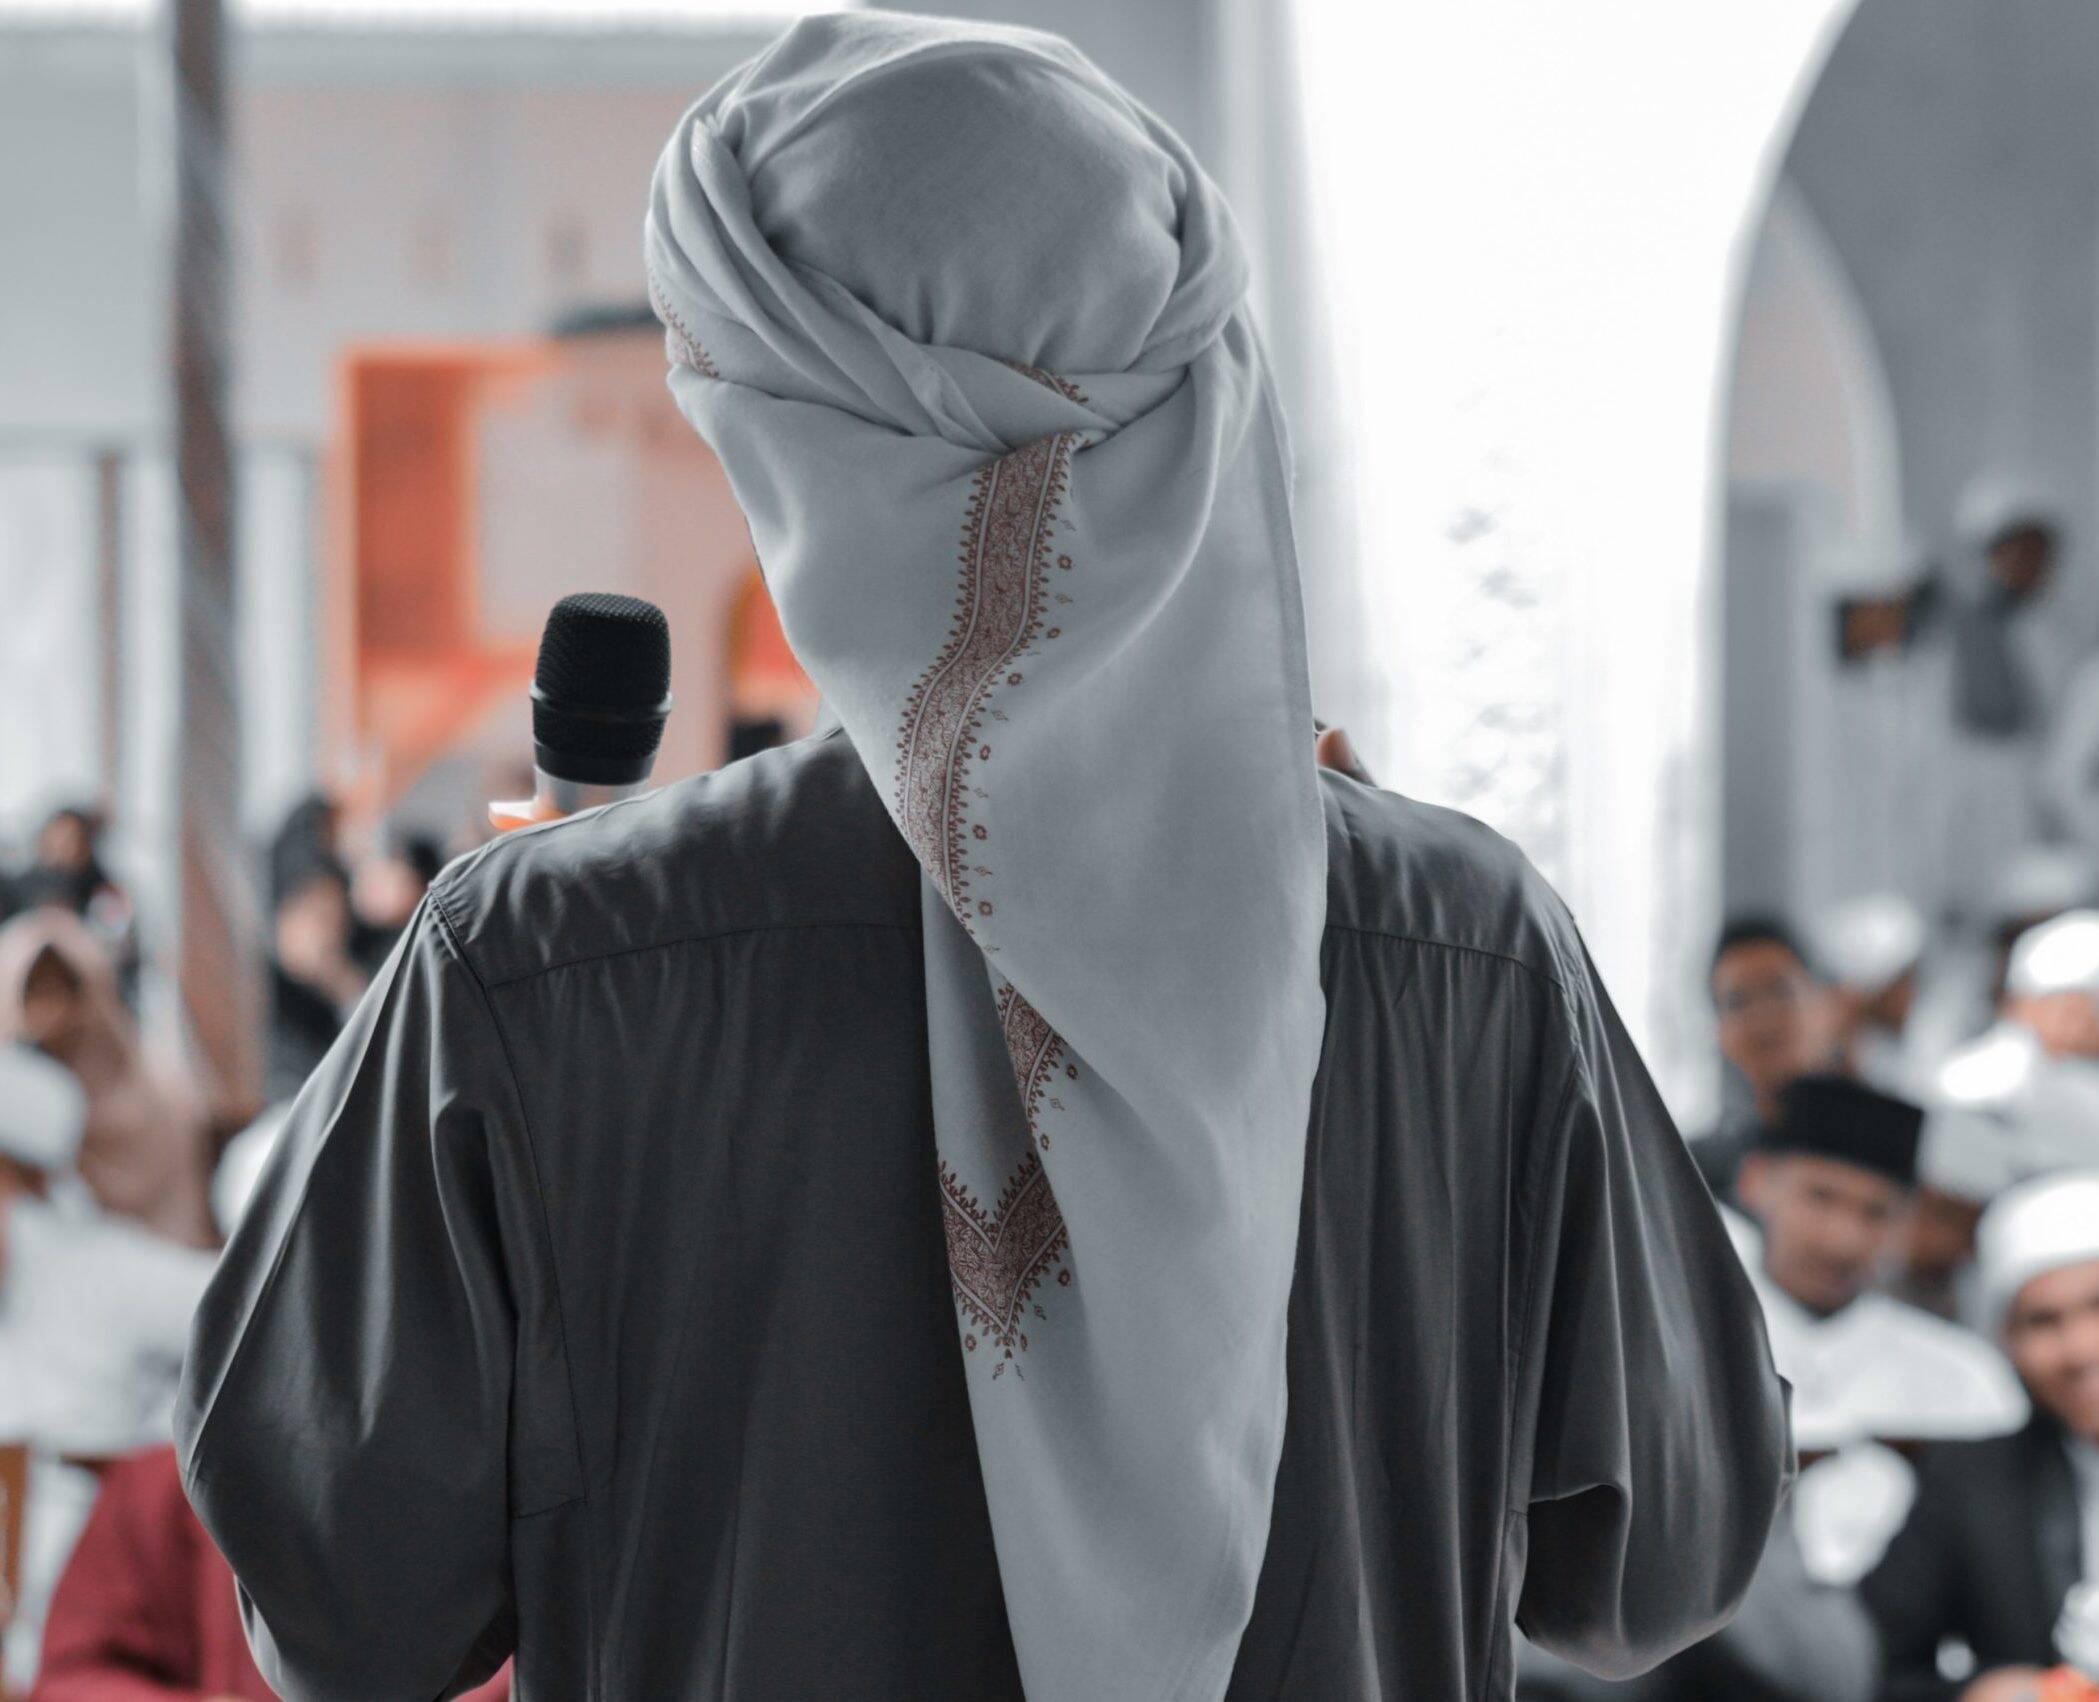 Quem está no comando agora é o iraquiano Shahab al Muhajir, também conhecido por Sanaullah. (Foto: Unsplash)